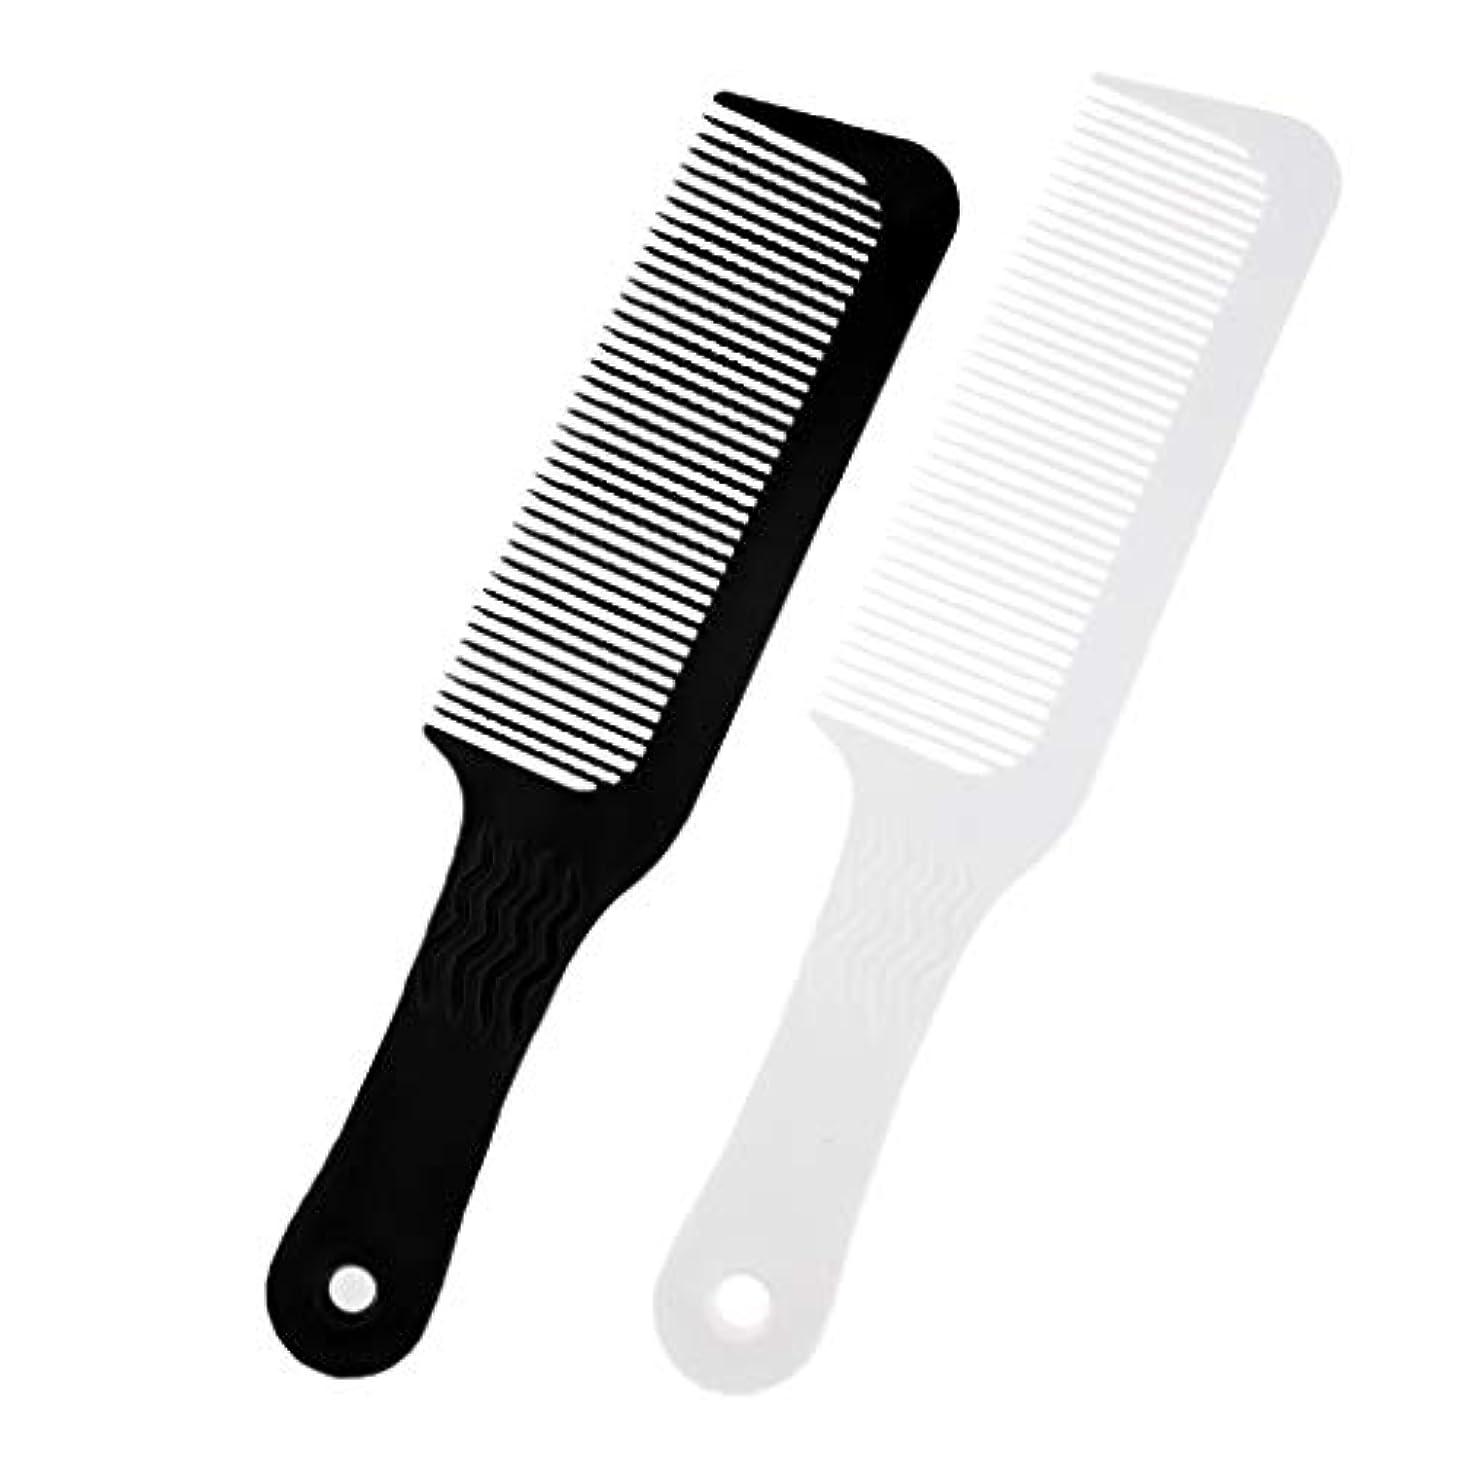 海峡アクセシブル濃度Toygogo プロ3ピース理髪サロンフラットトップクリッパーくし美容師スタイリング切削デタングルブラシツール